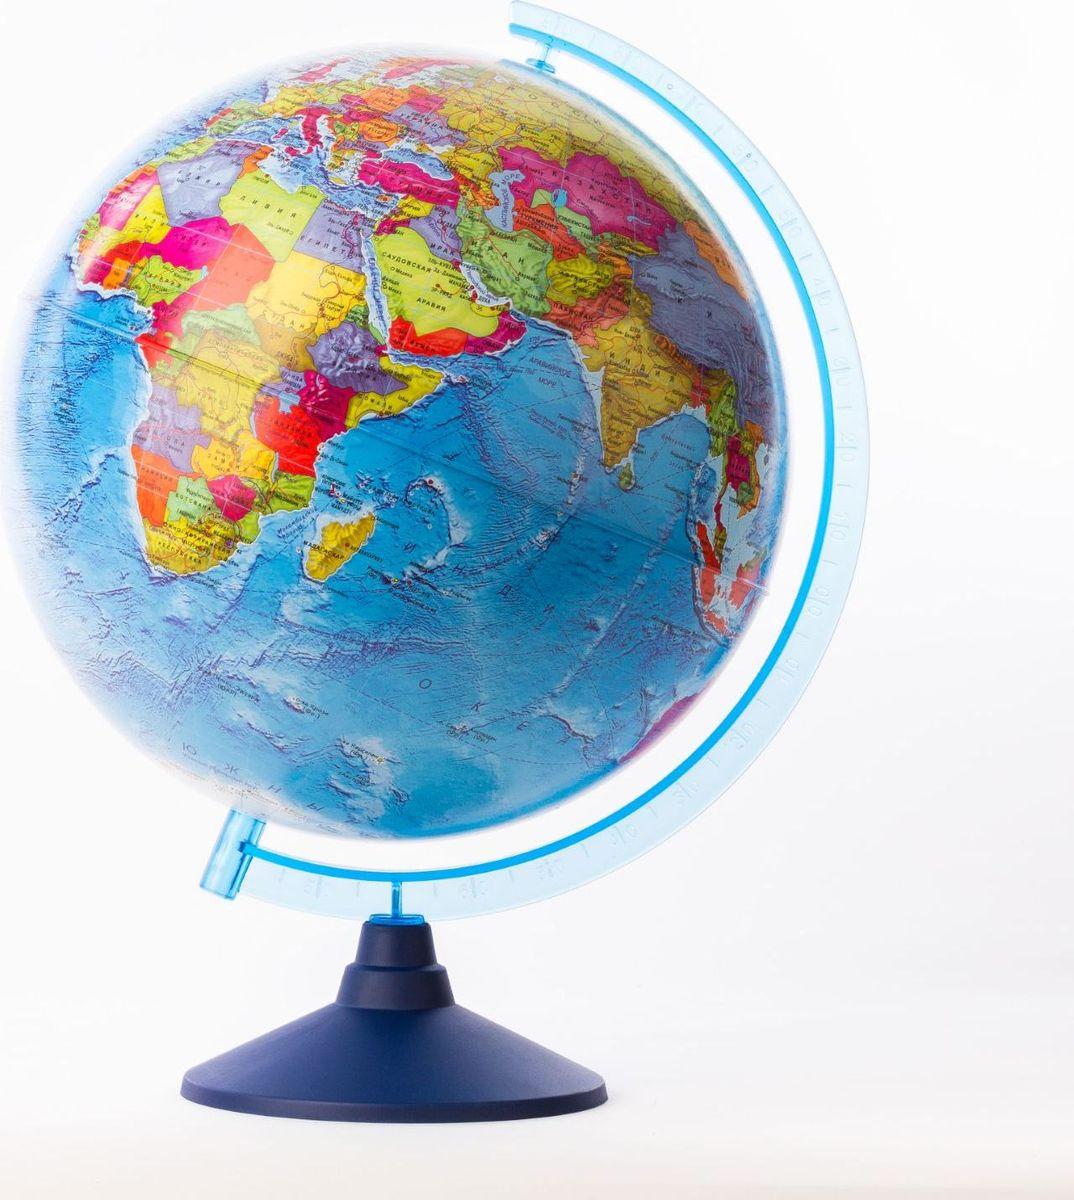 Глобен Глобус политический Классик Евро диаметр 32 см1259368Глобус для всех, глобус каждому!Глобус — самый простой способ привить ребенку любовь к географии. Он является отличным наглядным примером, который способен в игровой доступной и понятной форме объяснить понятия о планете Земля.Также интерес к глобусам проявляют не только детки, но и взрослые. Для многих уменьшенная копия планеты заменяет атлас мира из-за своей доступности и универсальности.Умный подарок! Кому принято дарить глобусы? Всем! Глобус политический диаметр 320мм Классик Евро — это уменьшенная копия земного шара, в которой каждый найдет для себя что-то свое.путешественники и заядлые туристы смогут отмечать с помощью стикеров те места, в которых побывали или собираются их посетитьделовые и успешные люди оценят такой подарок по достоинству, потому что глобус ассоциируется со статусом и властьюпреподаватели, ученые, студенты или просто неординарные личности также найдут для глобуса достойное место в своем доме.Итак, спешите заказать настольные глобусы в нашем интернет-магазине по привлекательным ценам, и помните, кто владеет глобусом, тот владеет миром!